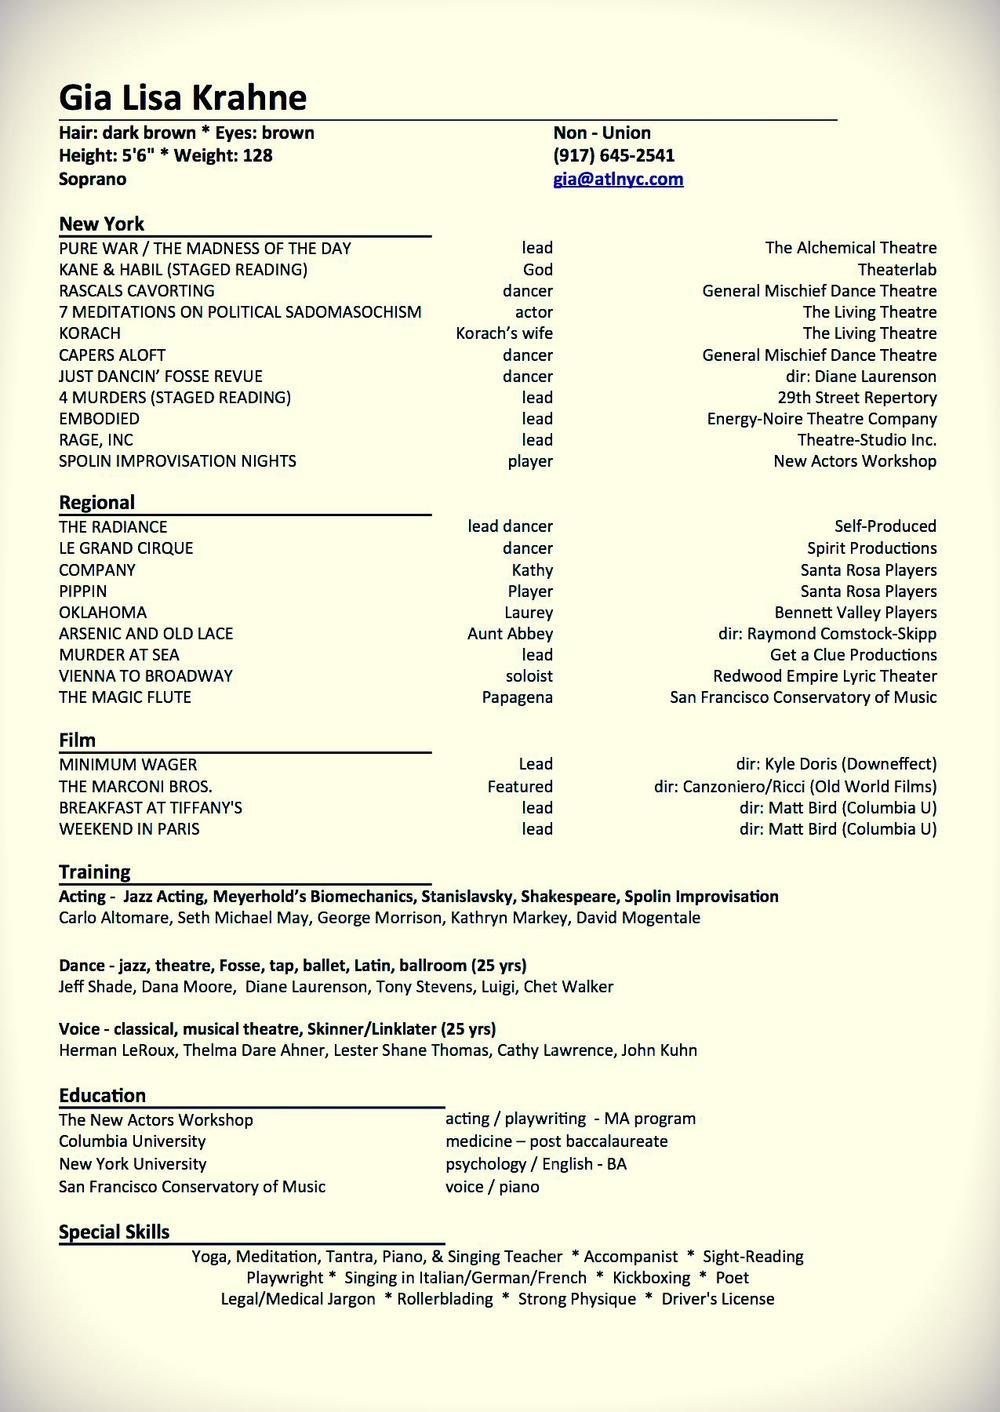 Theatre Resume — Gia Lisa Krahne